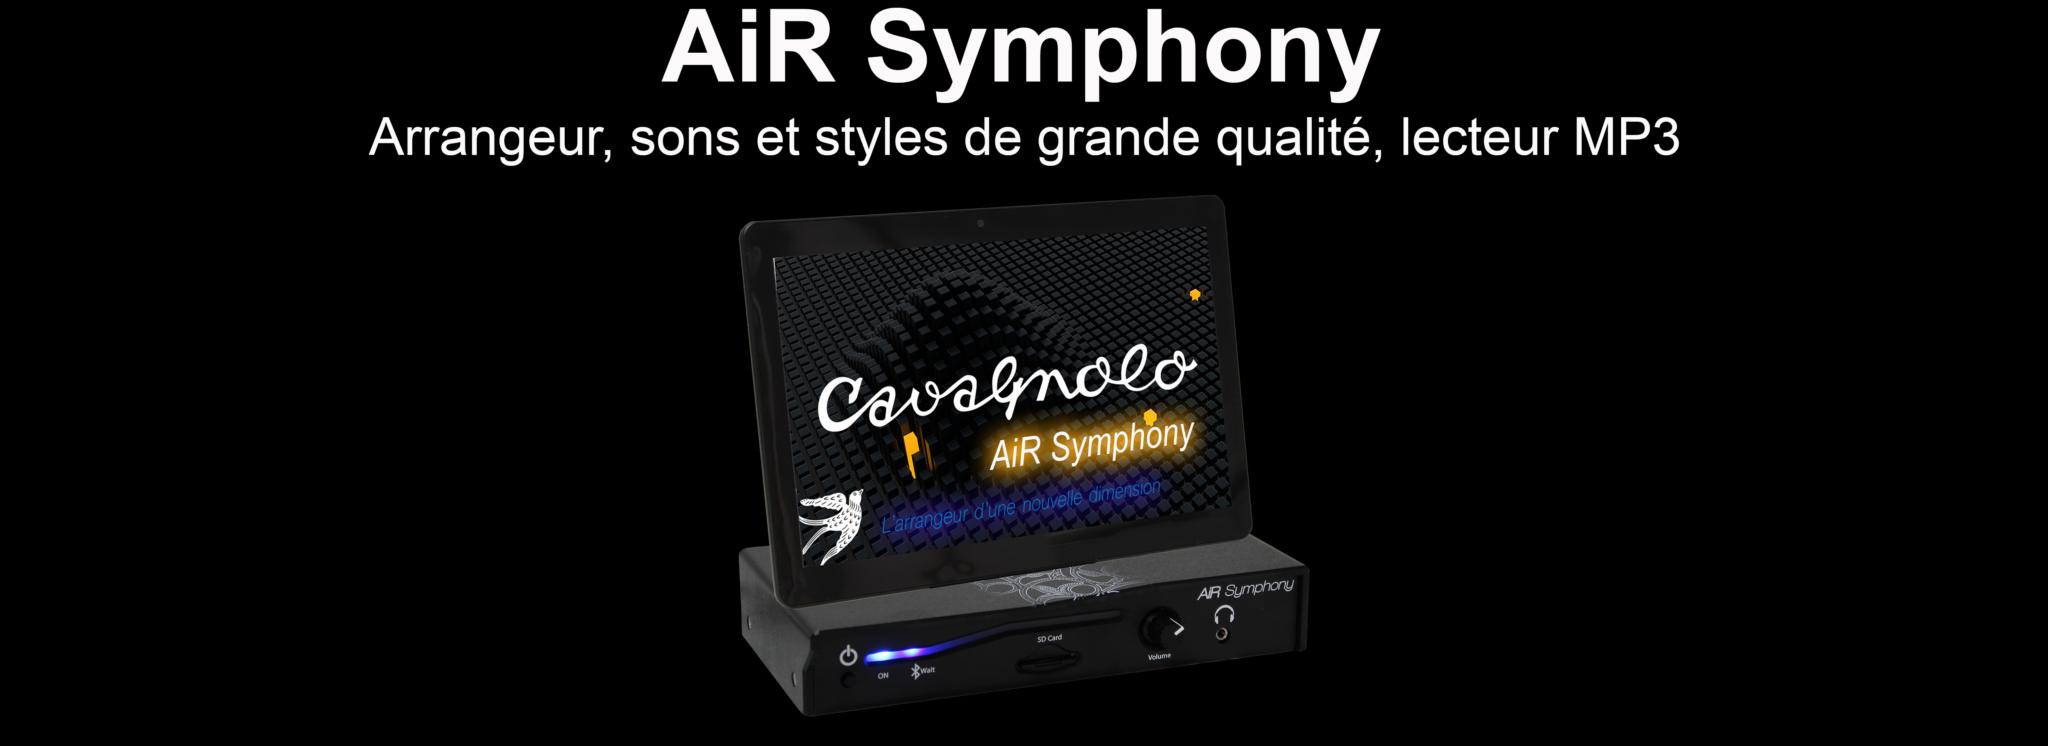 Cavagnolo, Arrangeur, AiR Symphony